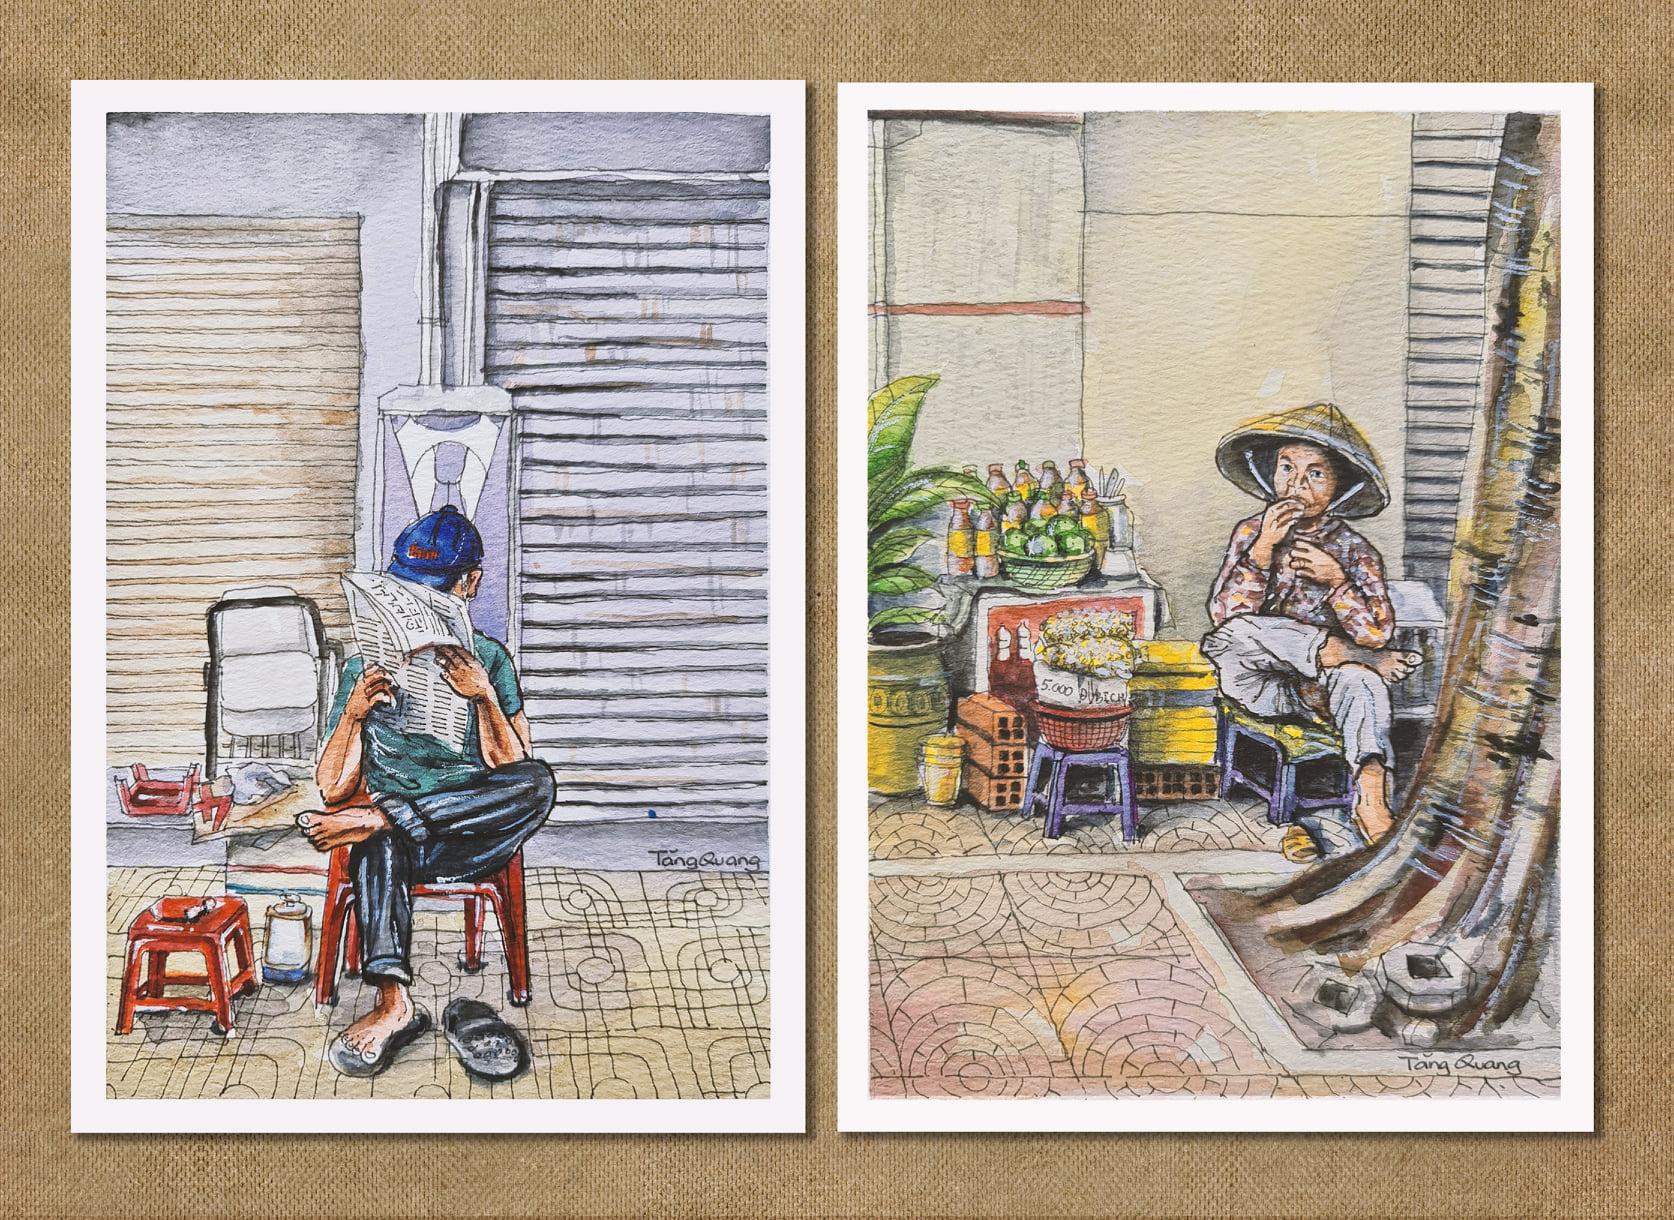 Những bức hoạ Sài Gòn của tác giả Tăng Quang mang một tinh thần